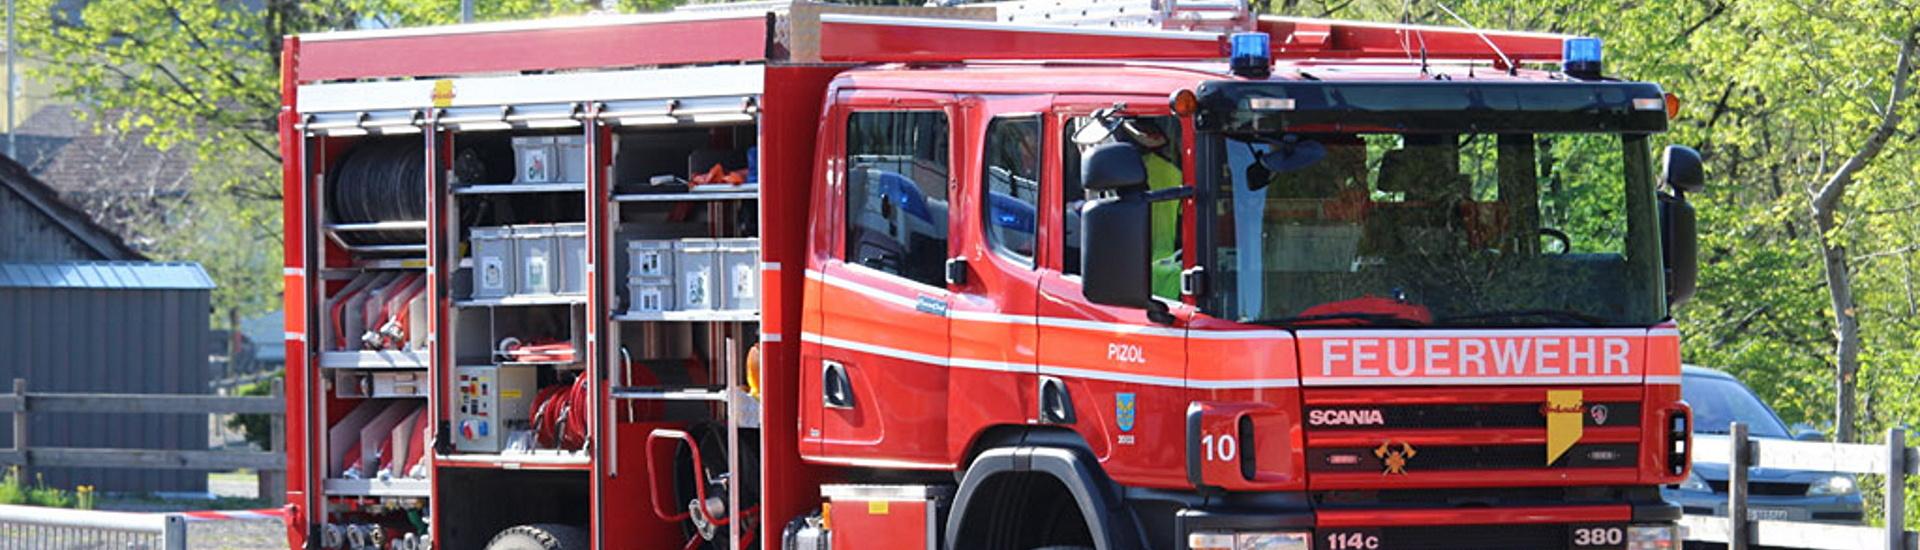 Feuerwehr Pizol